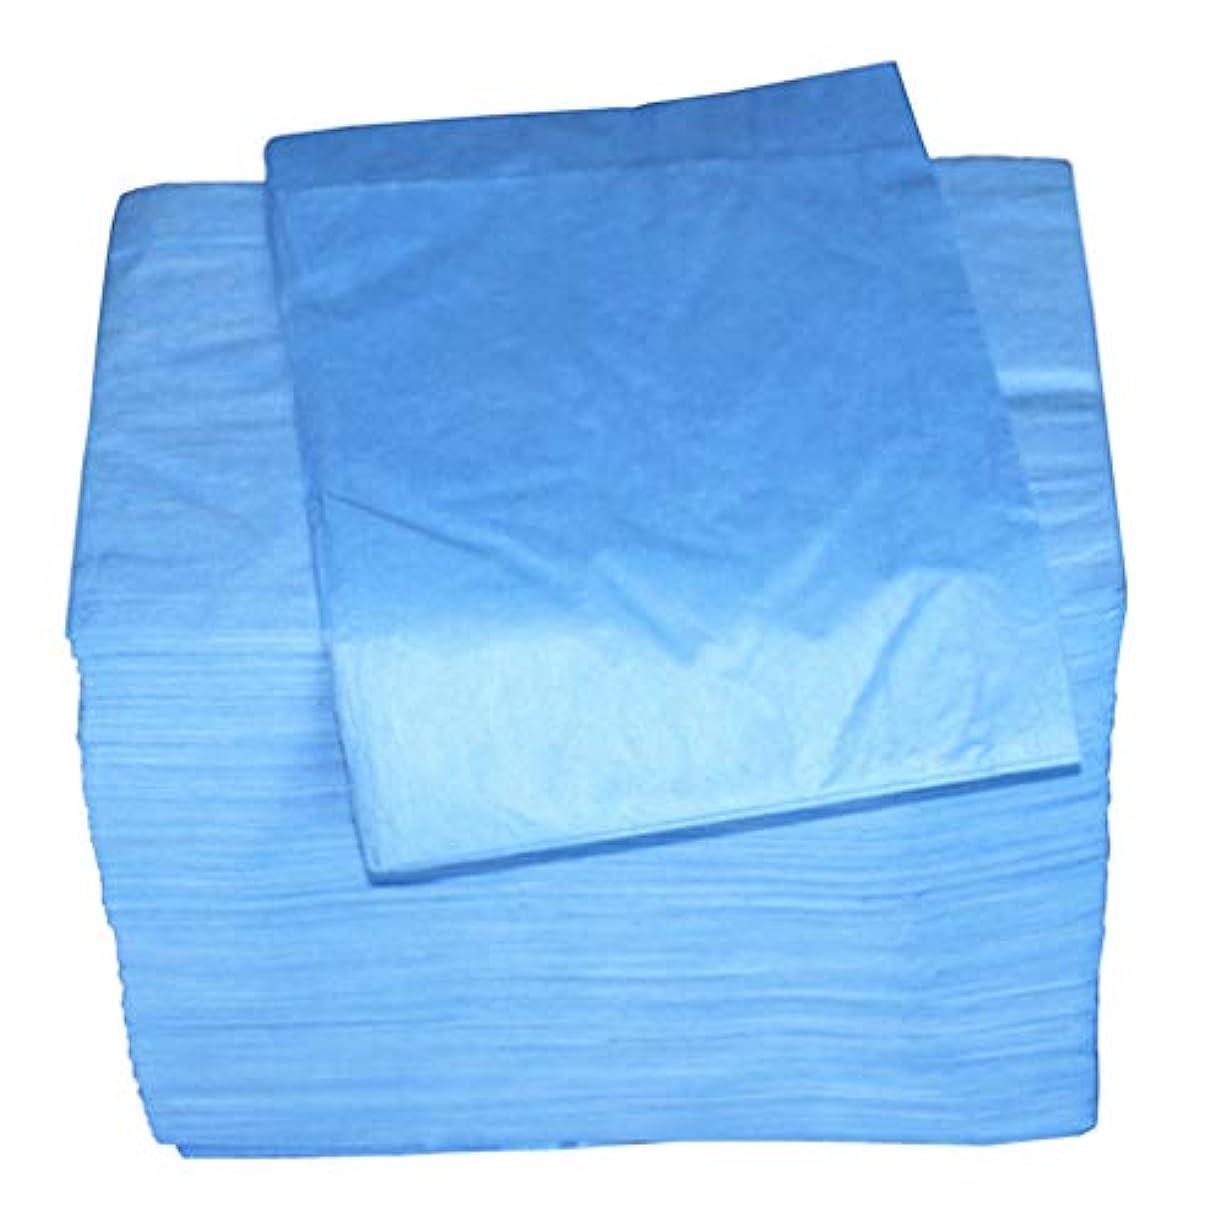 犠牲プロジェクター君主制sharprepublic マッサージ テーブルシーツ 使い捨て 安全衛生 約100個セット 全2色 - 青